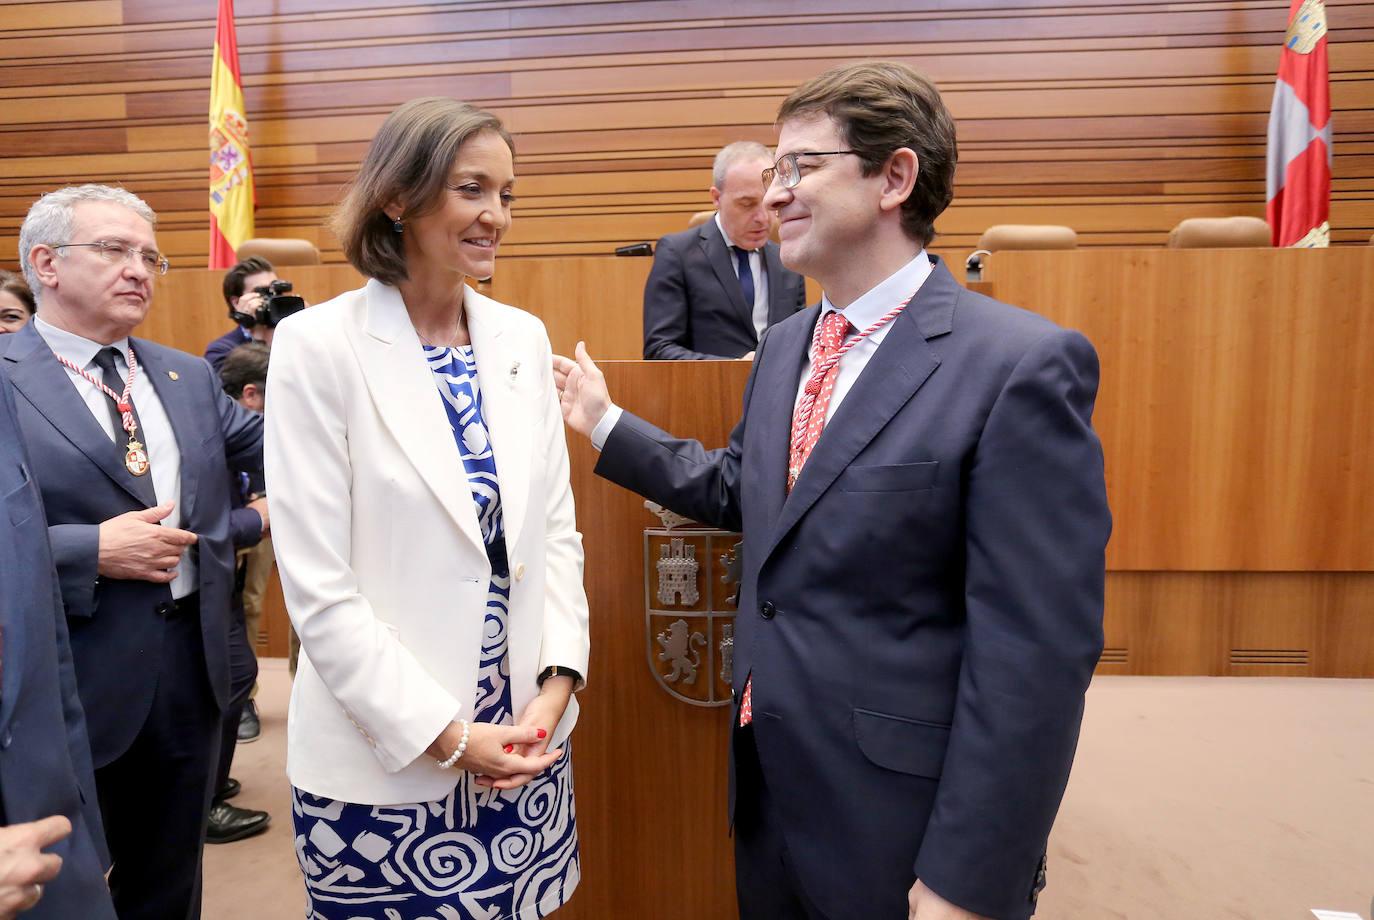 Alfonso Fernández Mañueco, nuevo presidente de Castilla y León